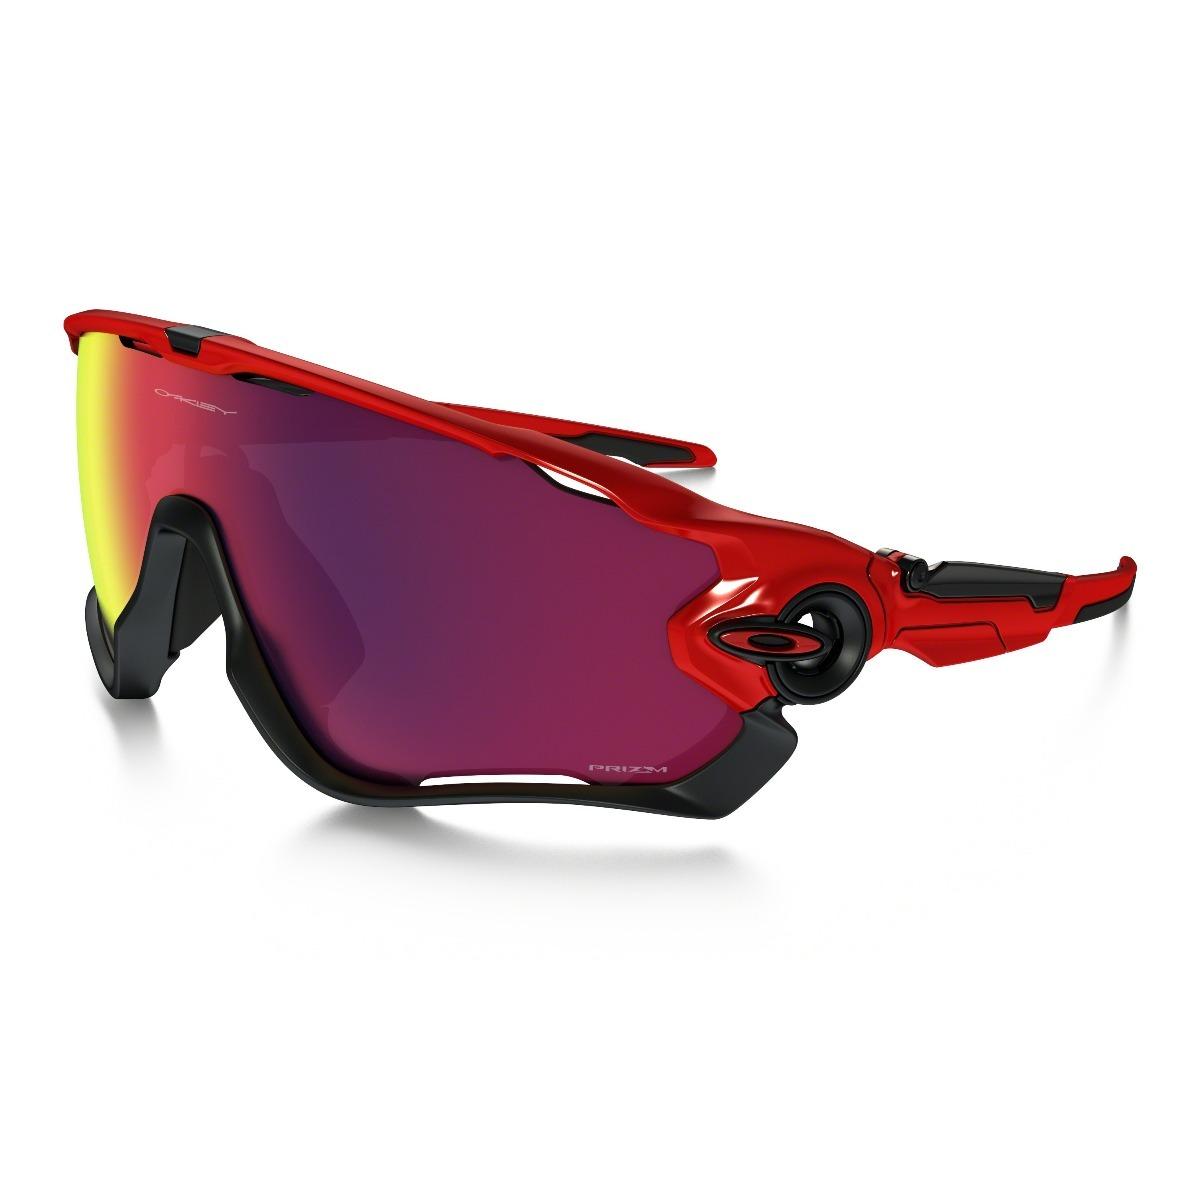 Lentes De Ciclismo Oakley Jawbreakers - $ 1.999,00 en Mercado Libre